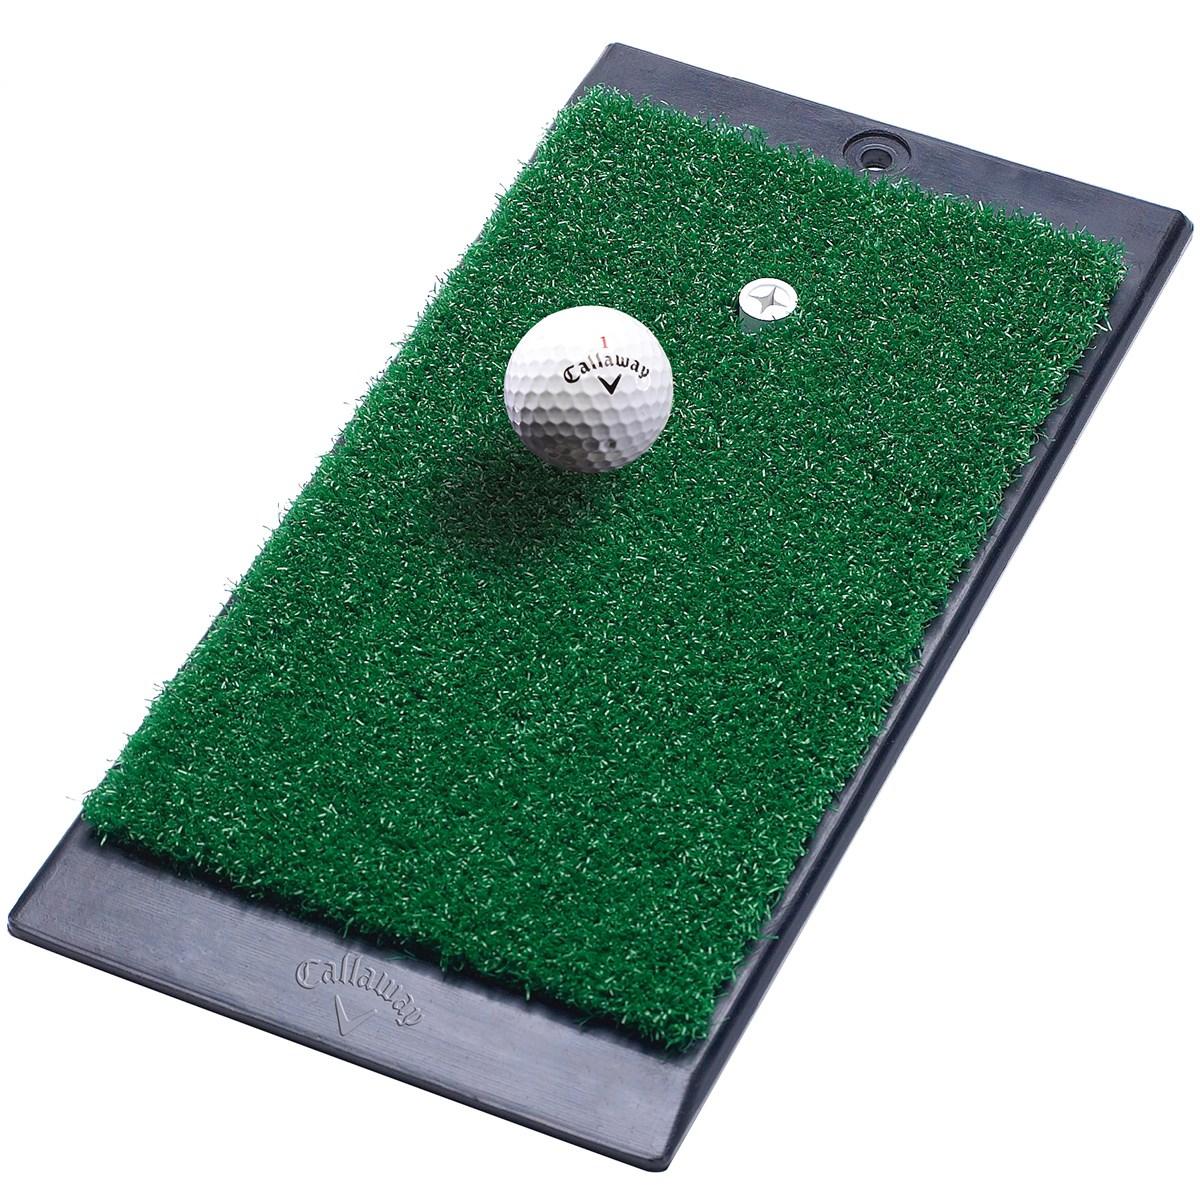 キャロウェイゴルフ Callaway Golf エフティー ラウンチゾーン ヒッティングマット グリーン